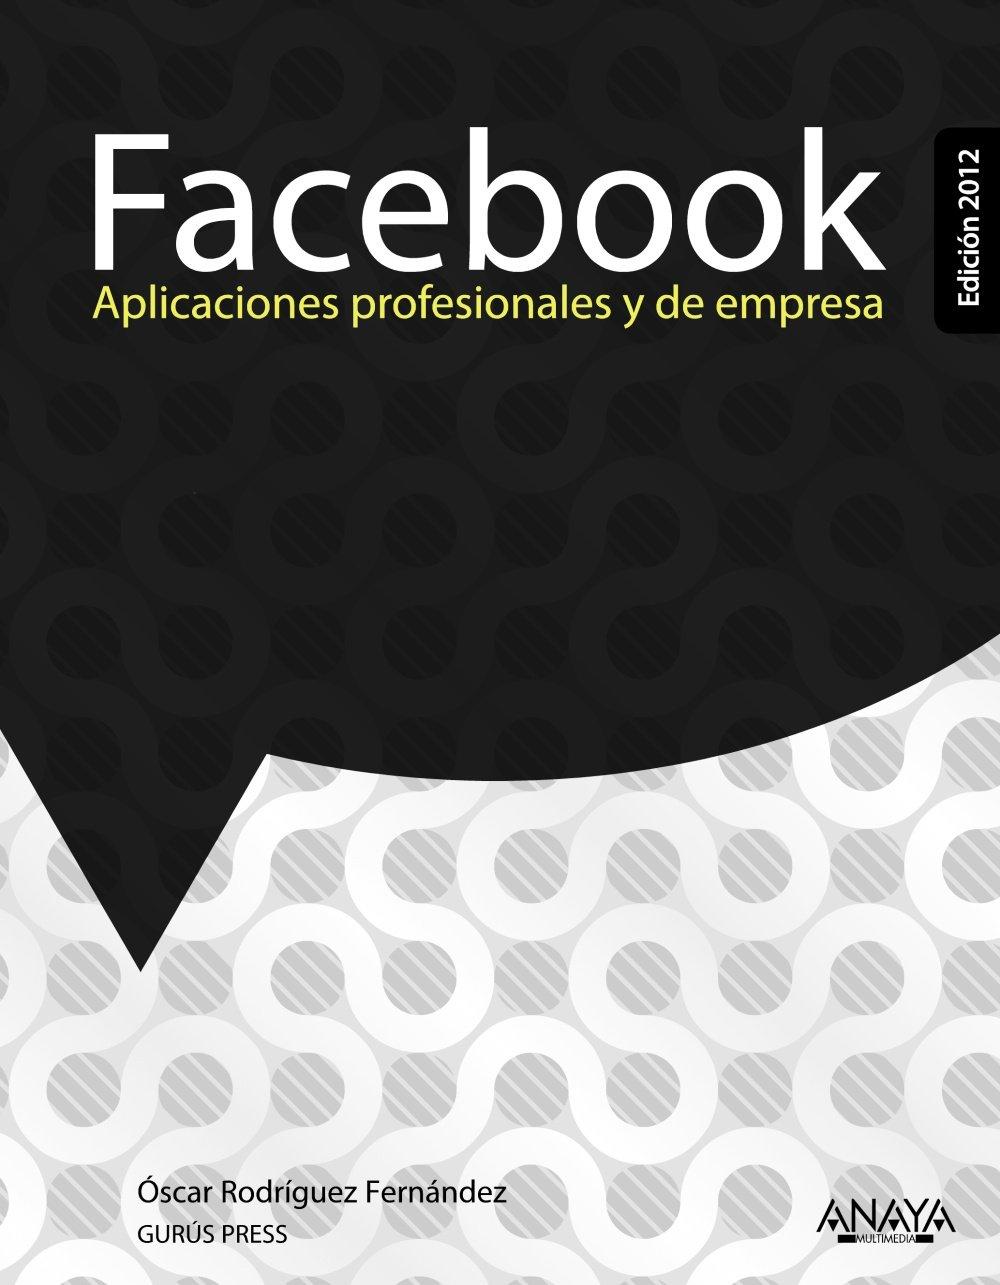 Download Facebook: Aplicaciones Profesionales y de Empresa (Spanish Edition) ebook